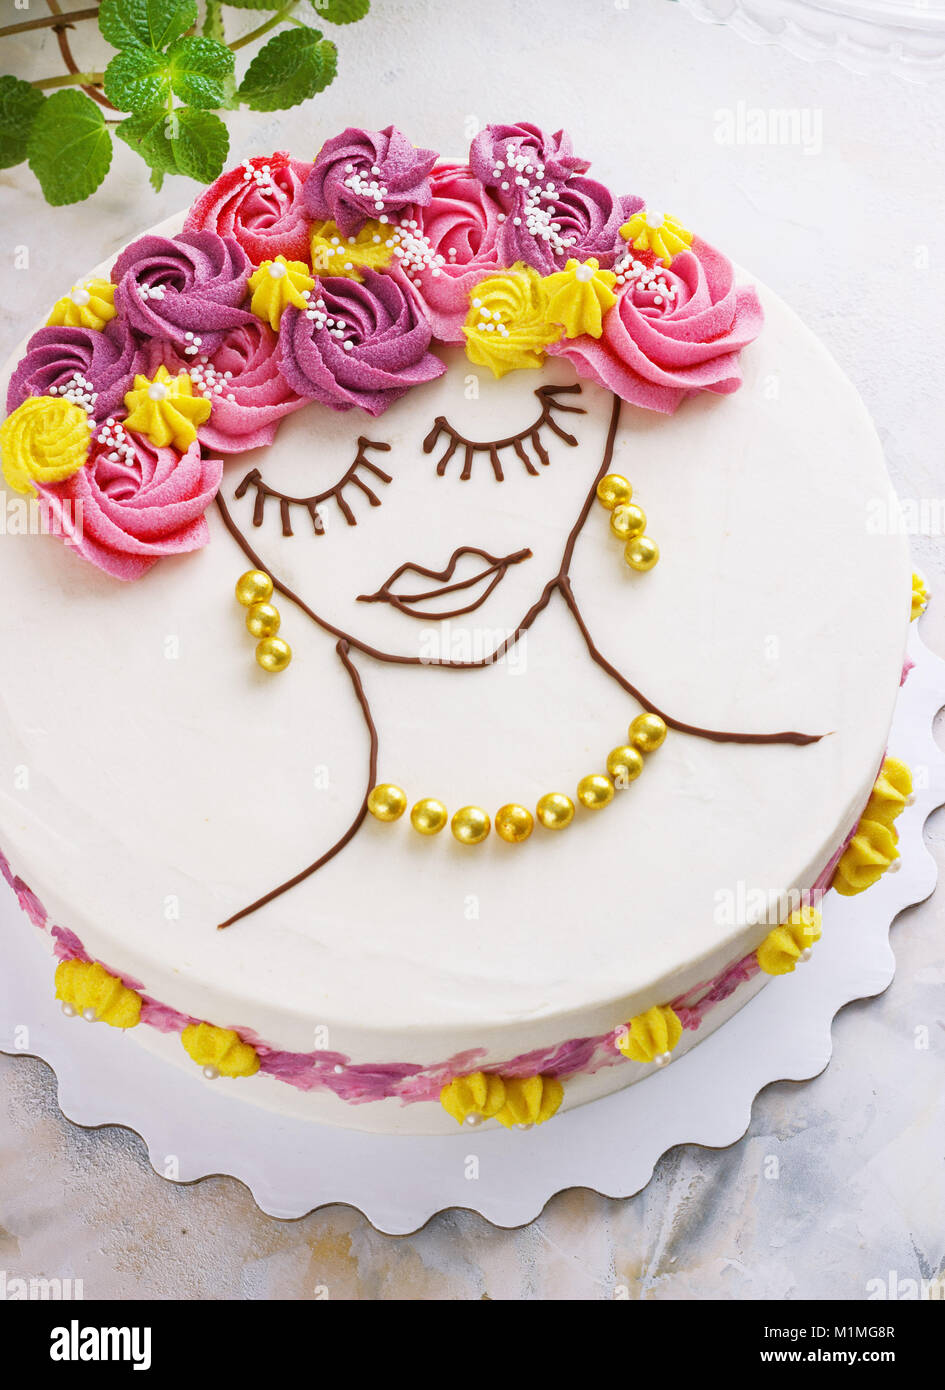 Festliche Kuchen mit Sahne Blumen und ein Mädchen Gesicht auf einen hellen Hintergrund Stockbild